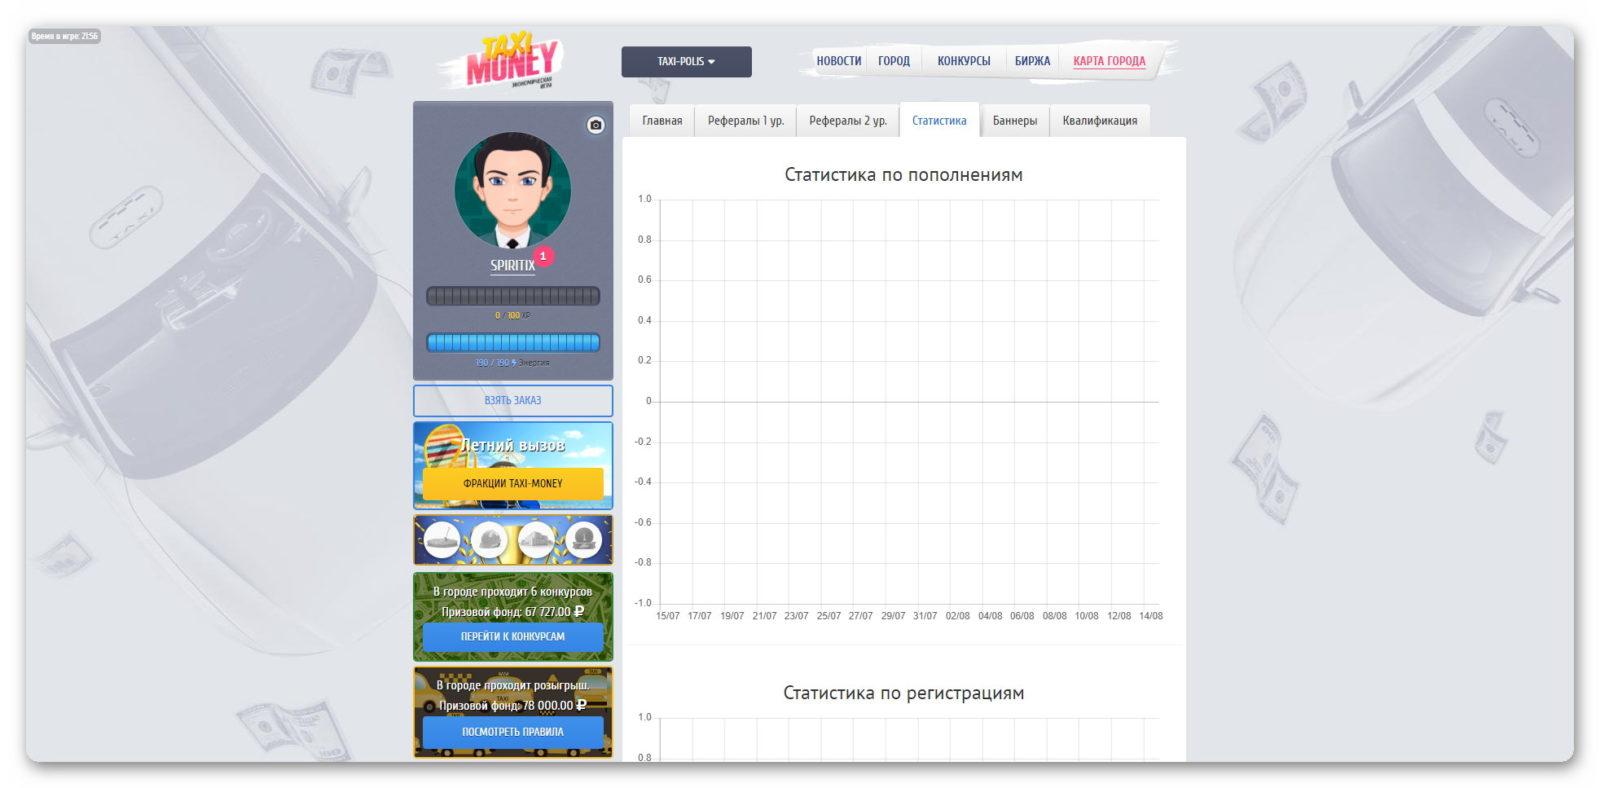 Статистика по рефералам в игре Taxi-Money